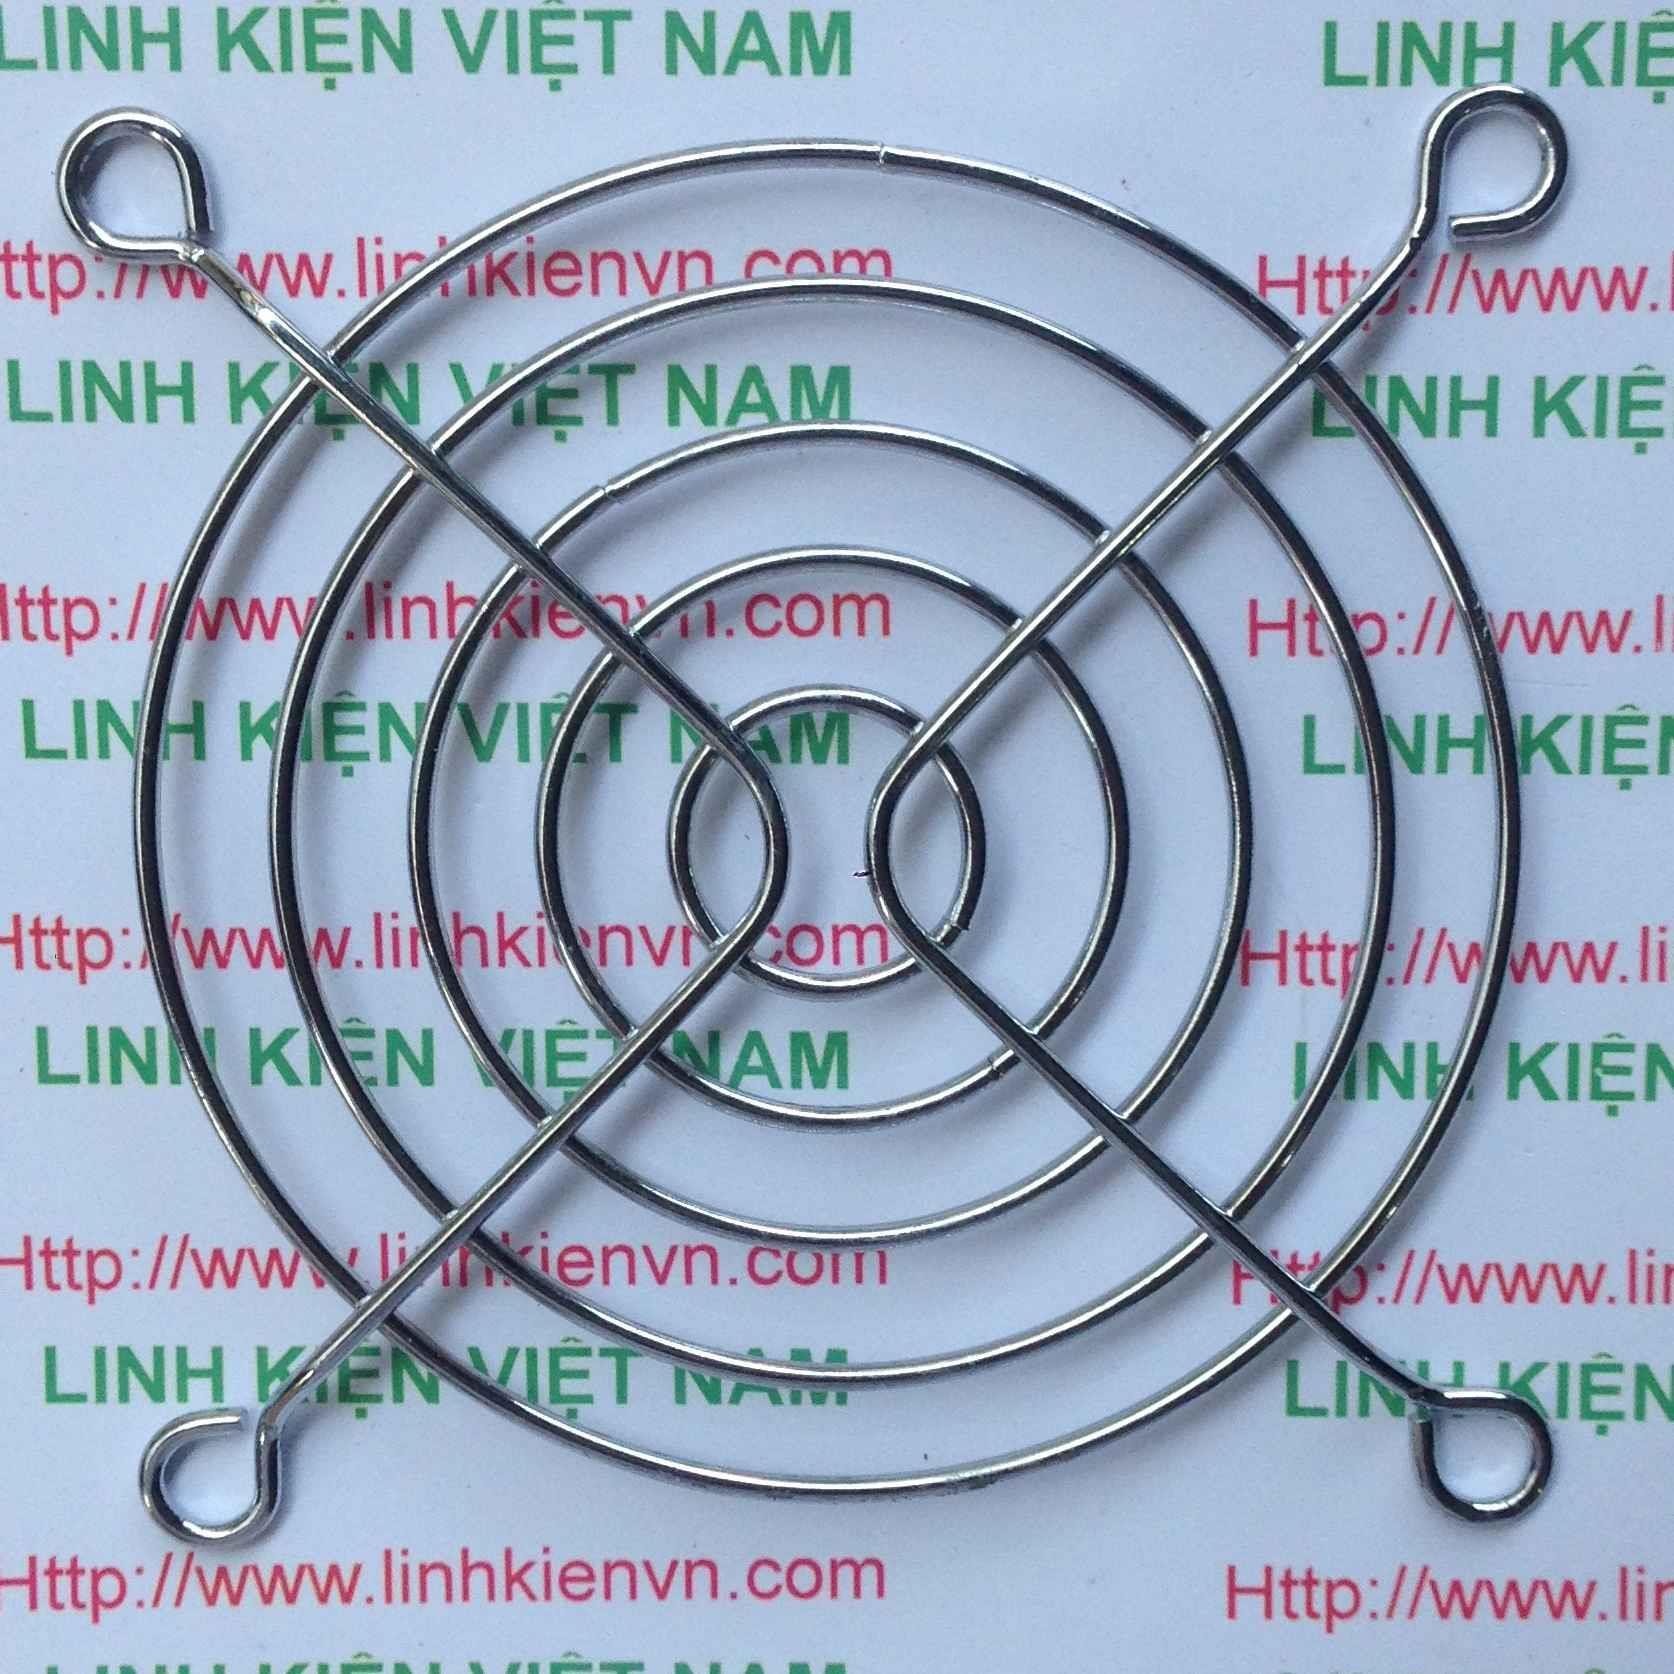 Tấm bảo vệ quạt Fan 8x8 Cm / Miếng bảo vệ fan / Lưới bảo vệ Fan / Phụ kiện Fan / Tấm bảo vệ cho quạt Fan 8x8 Cm - (KA5H3)